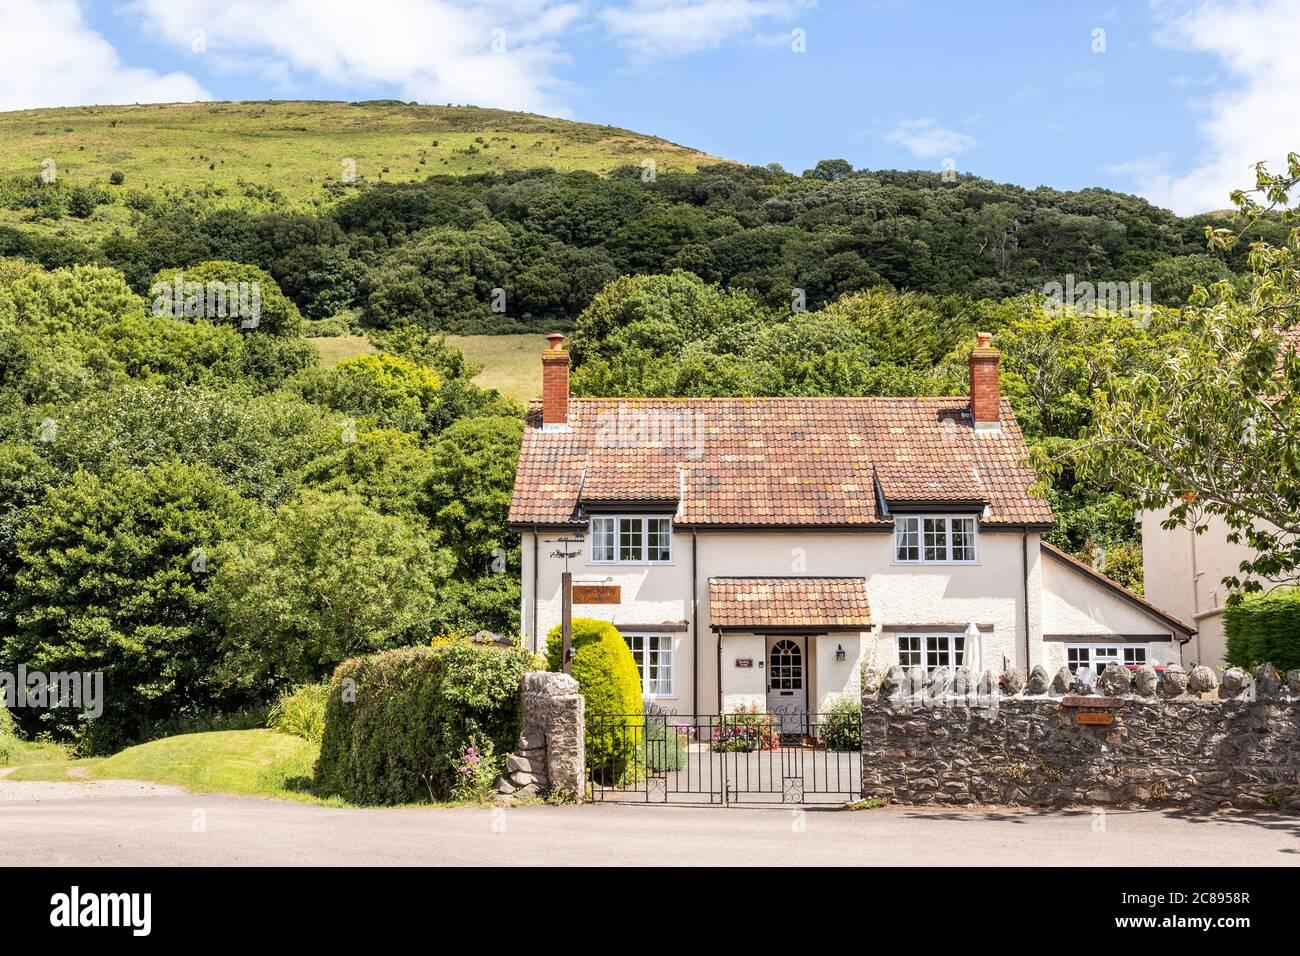 Una casa de azulejos en el Parque Nacional Exmoor en el pueblo de Bossington, Somerset Reino Unido Foto de stock